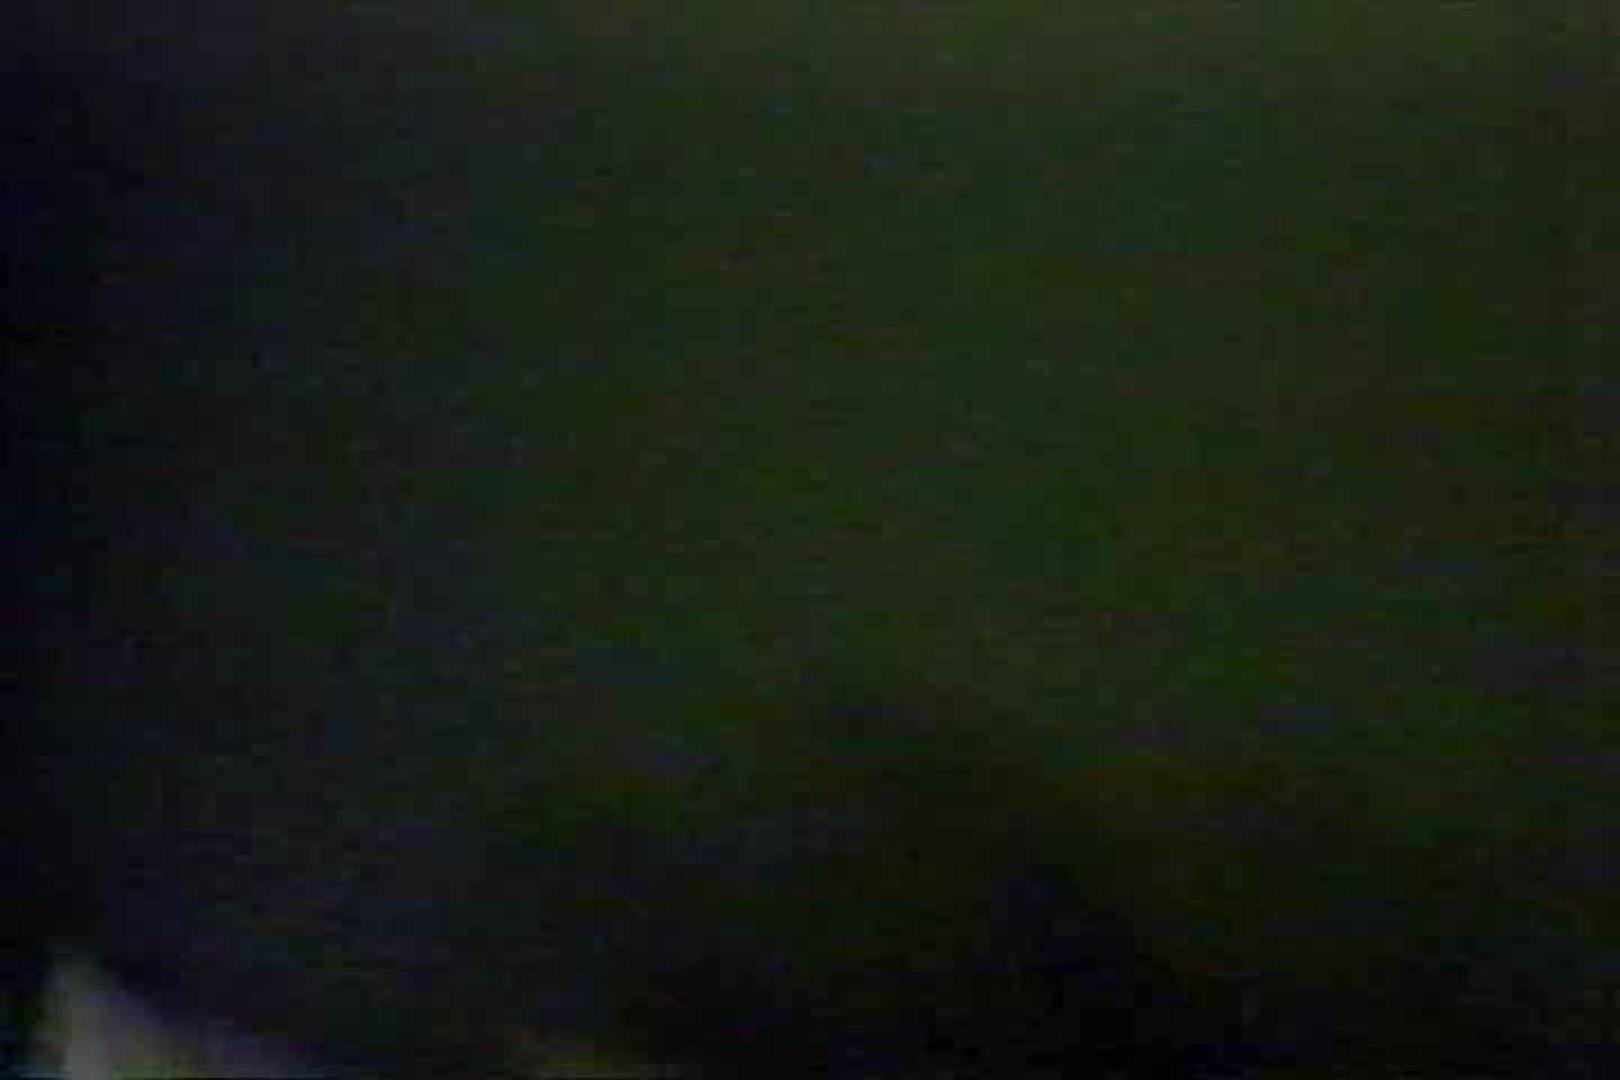 個室狂いのマニア映像Vol.1 おまんこ無修正 | 洗面所はめどり  95画像 94